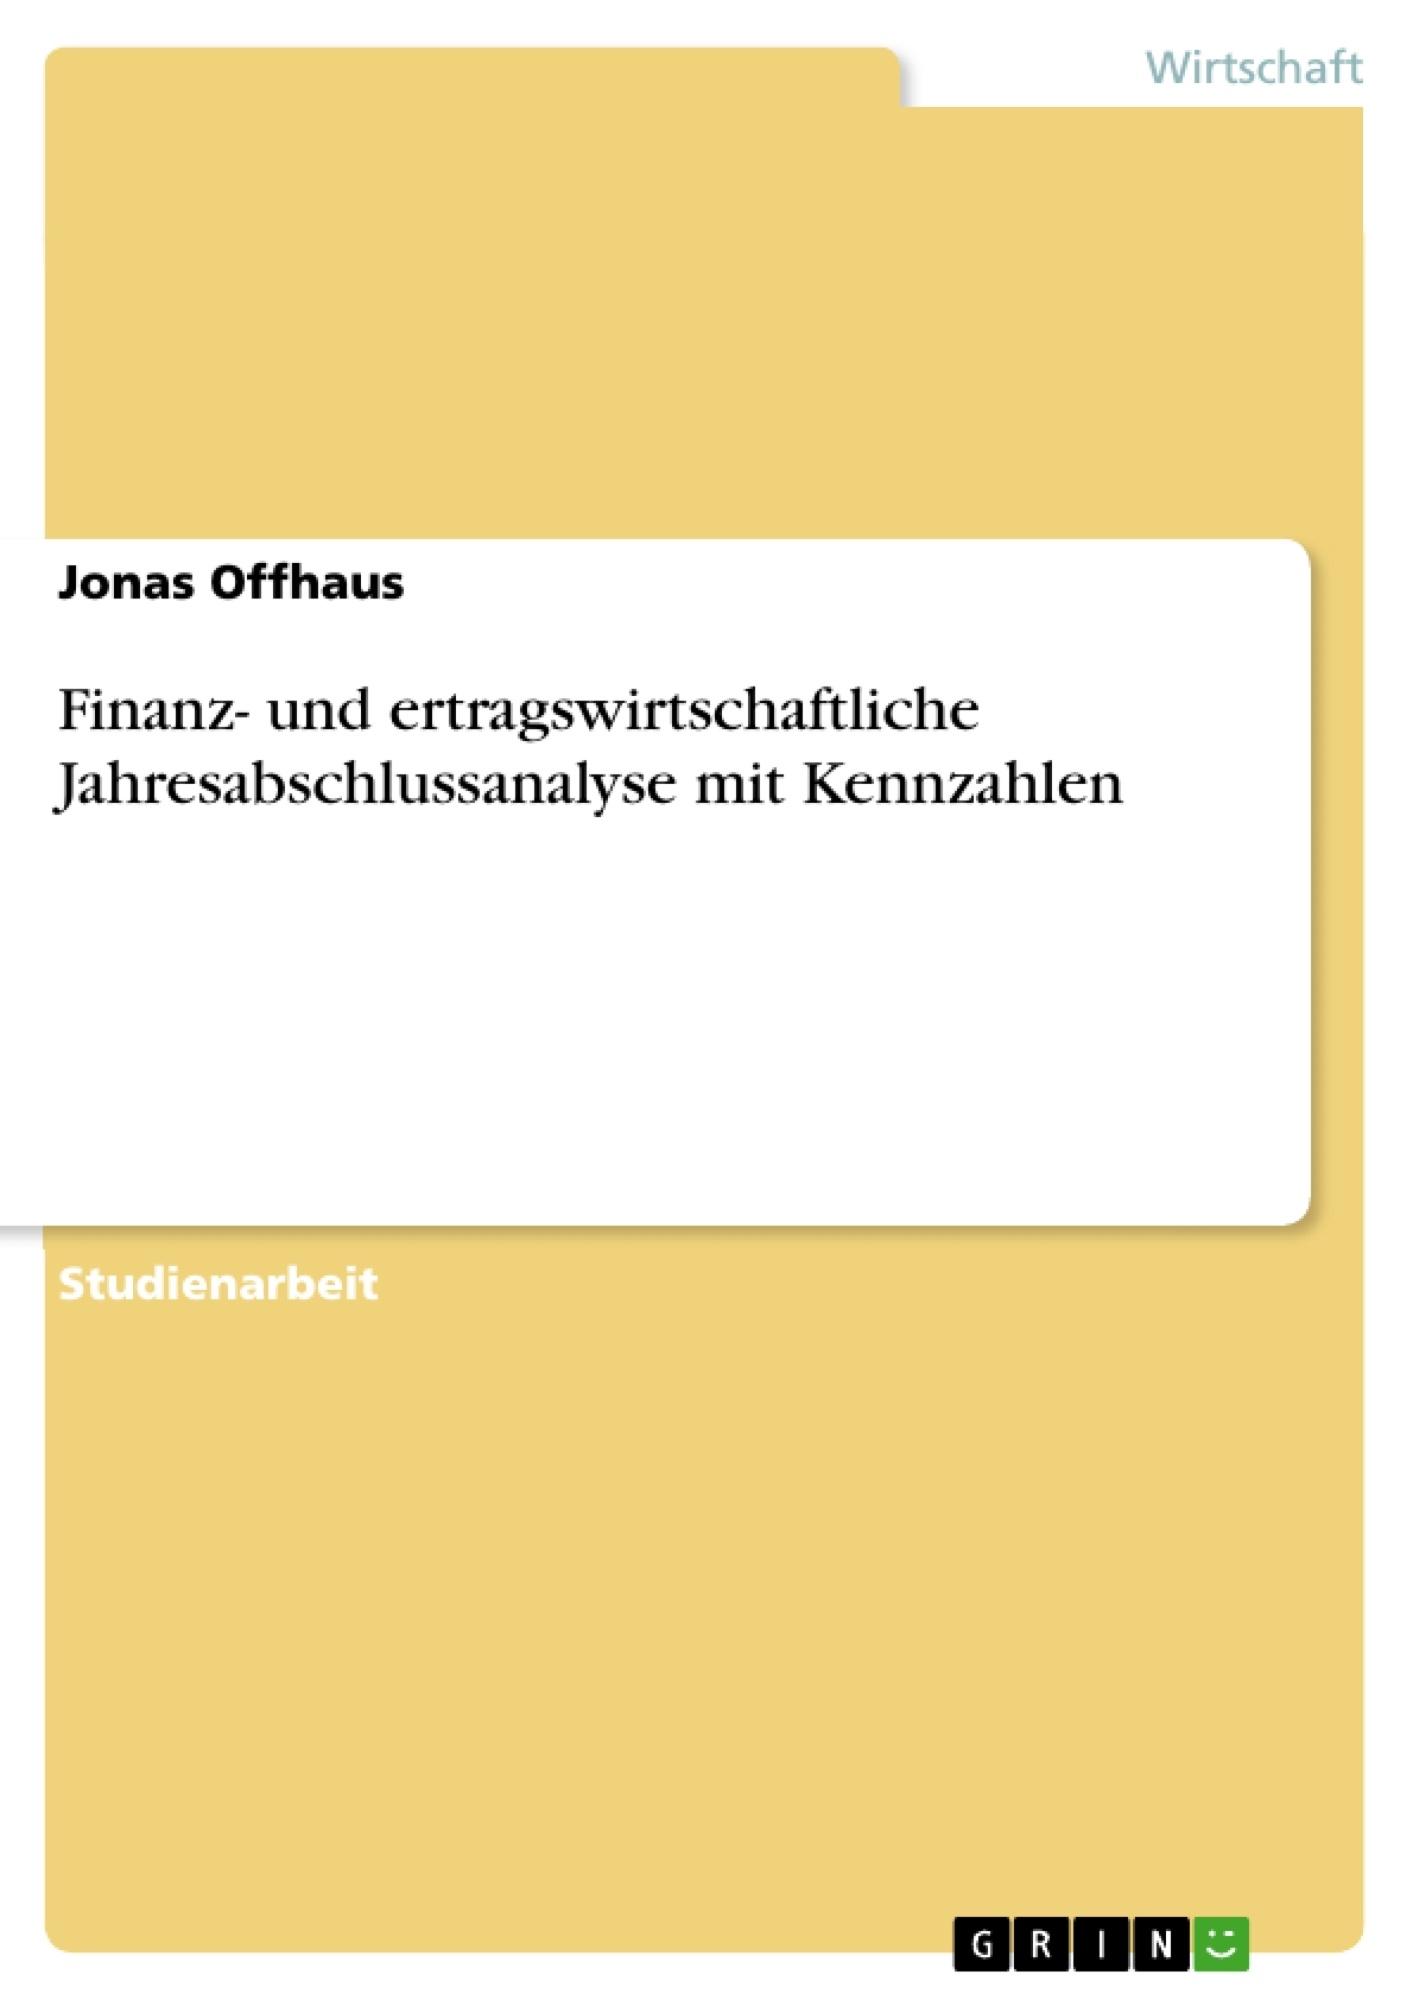 Titel: Finanz- und ertragswirtschaftliche Jahresabschlussanalyse mit Kennzahlen